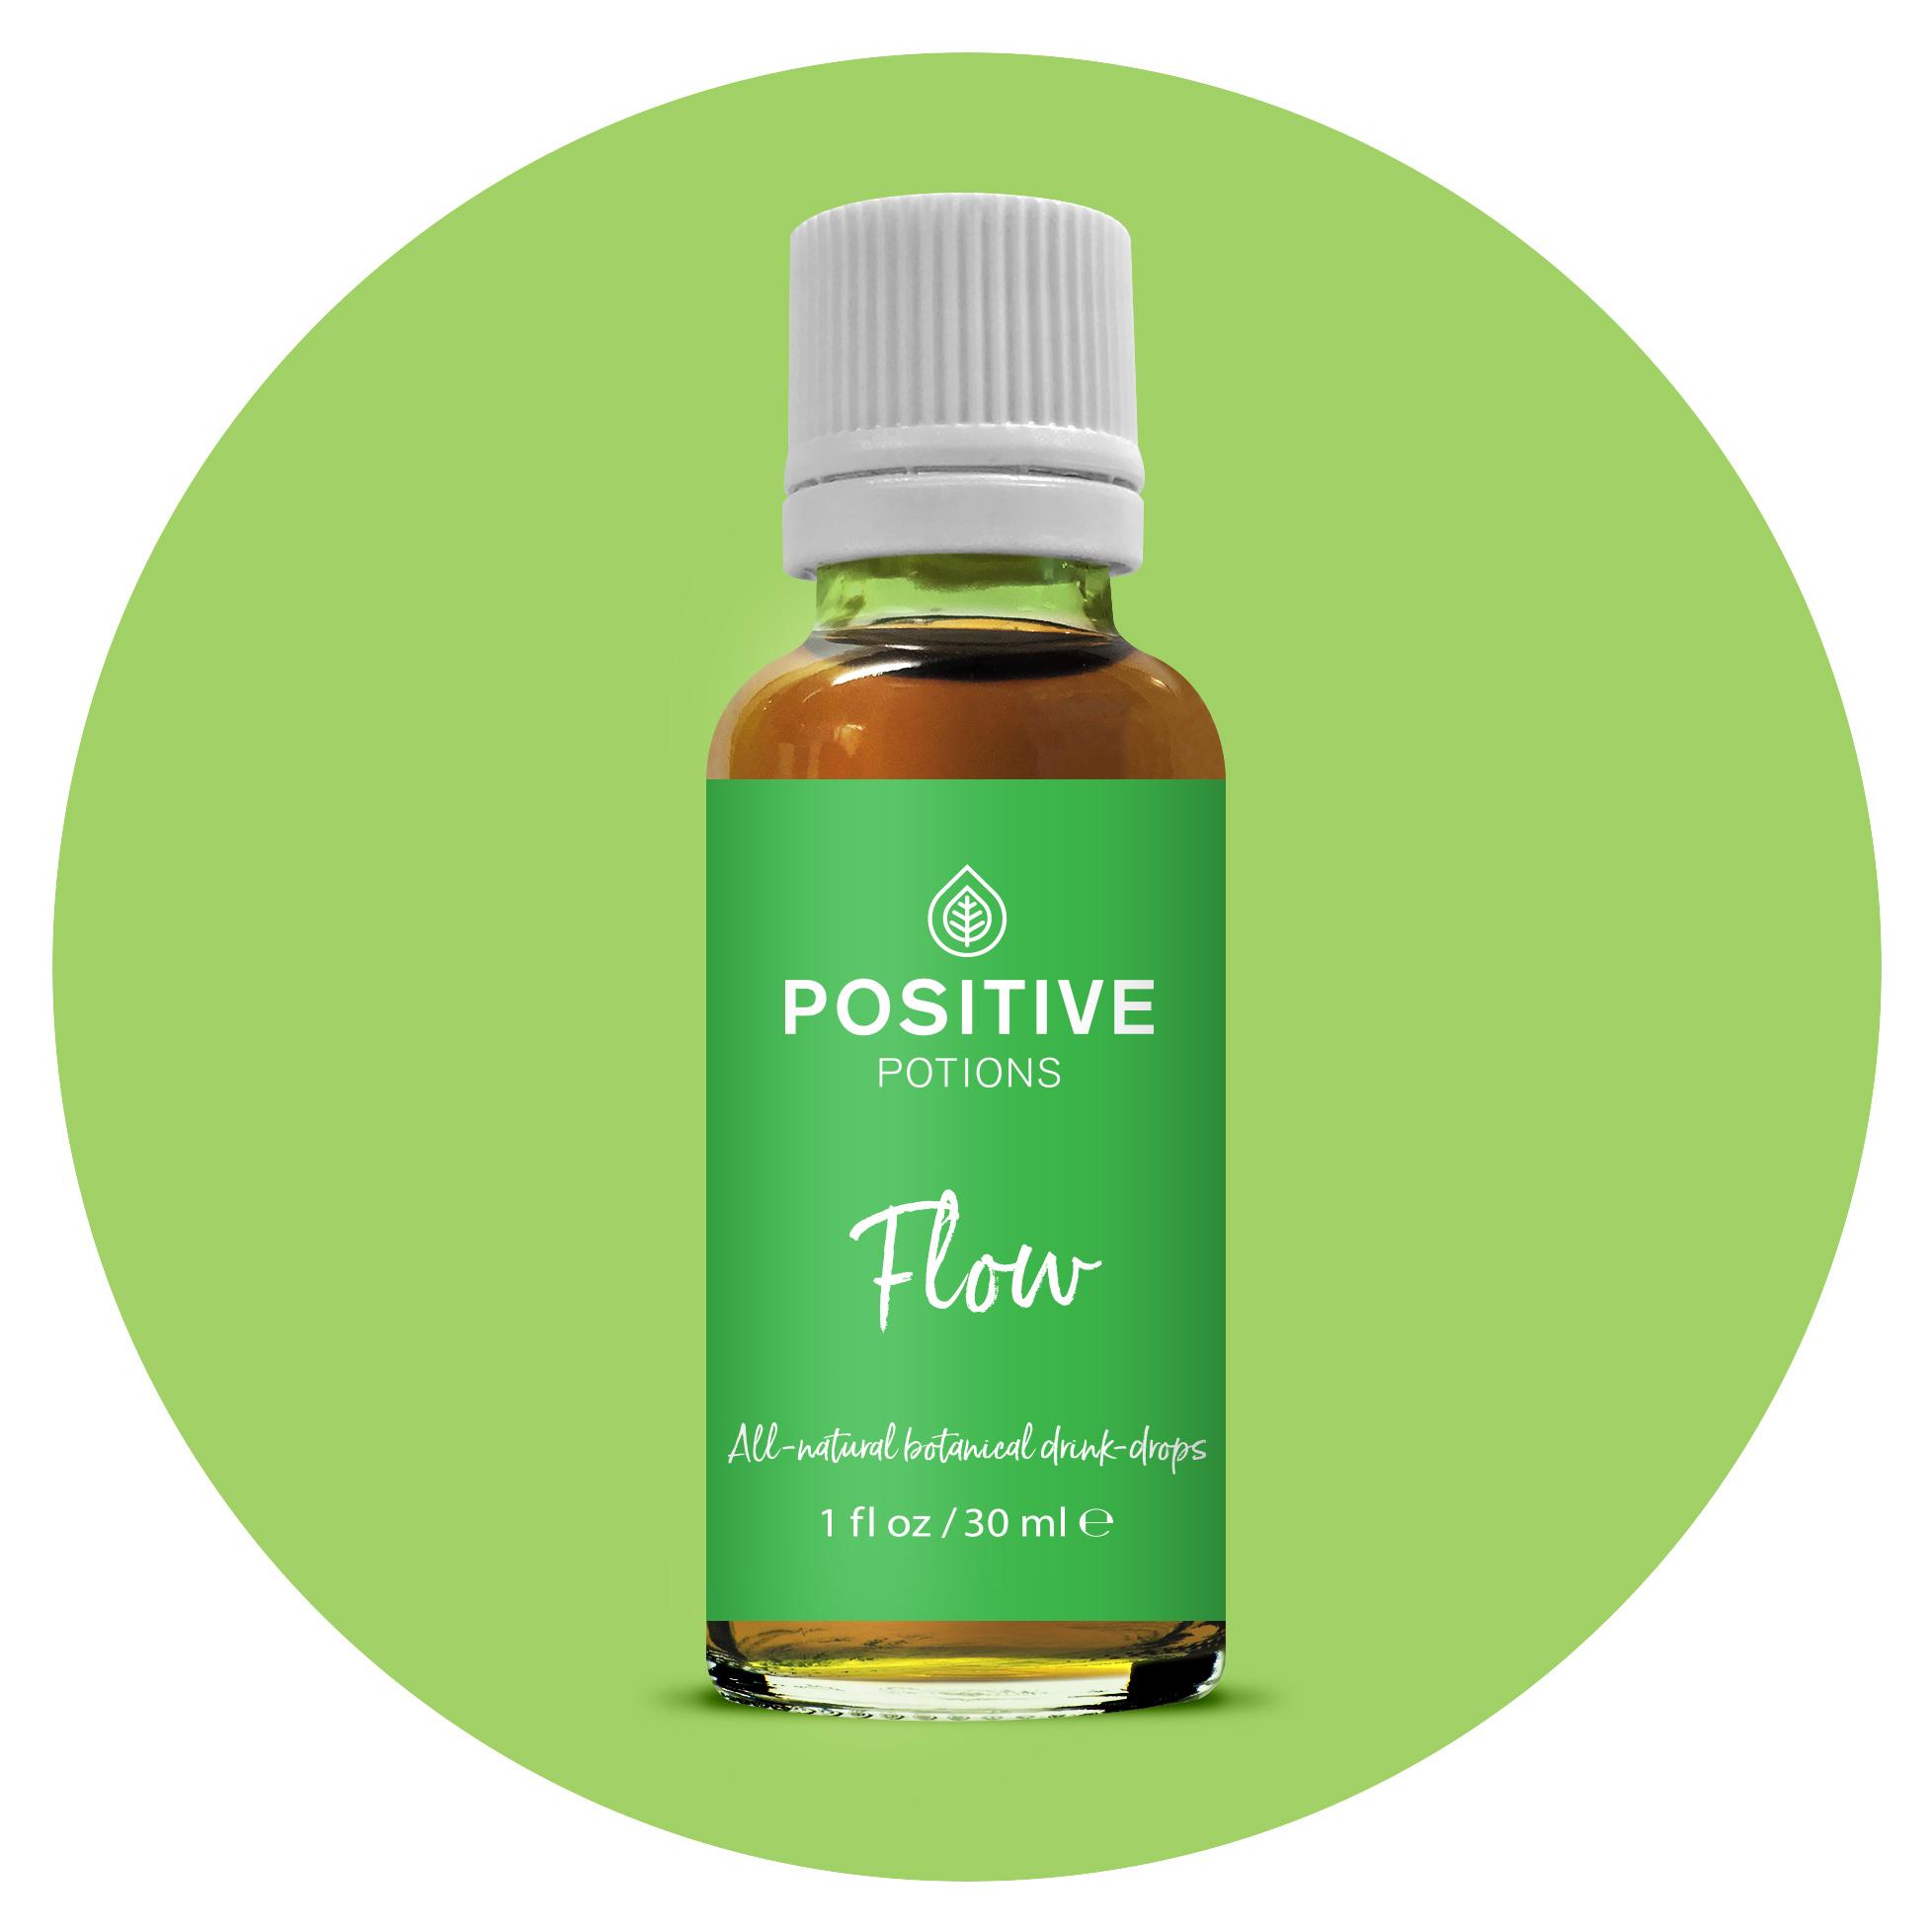 flow-bottle-front.jpg